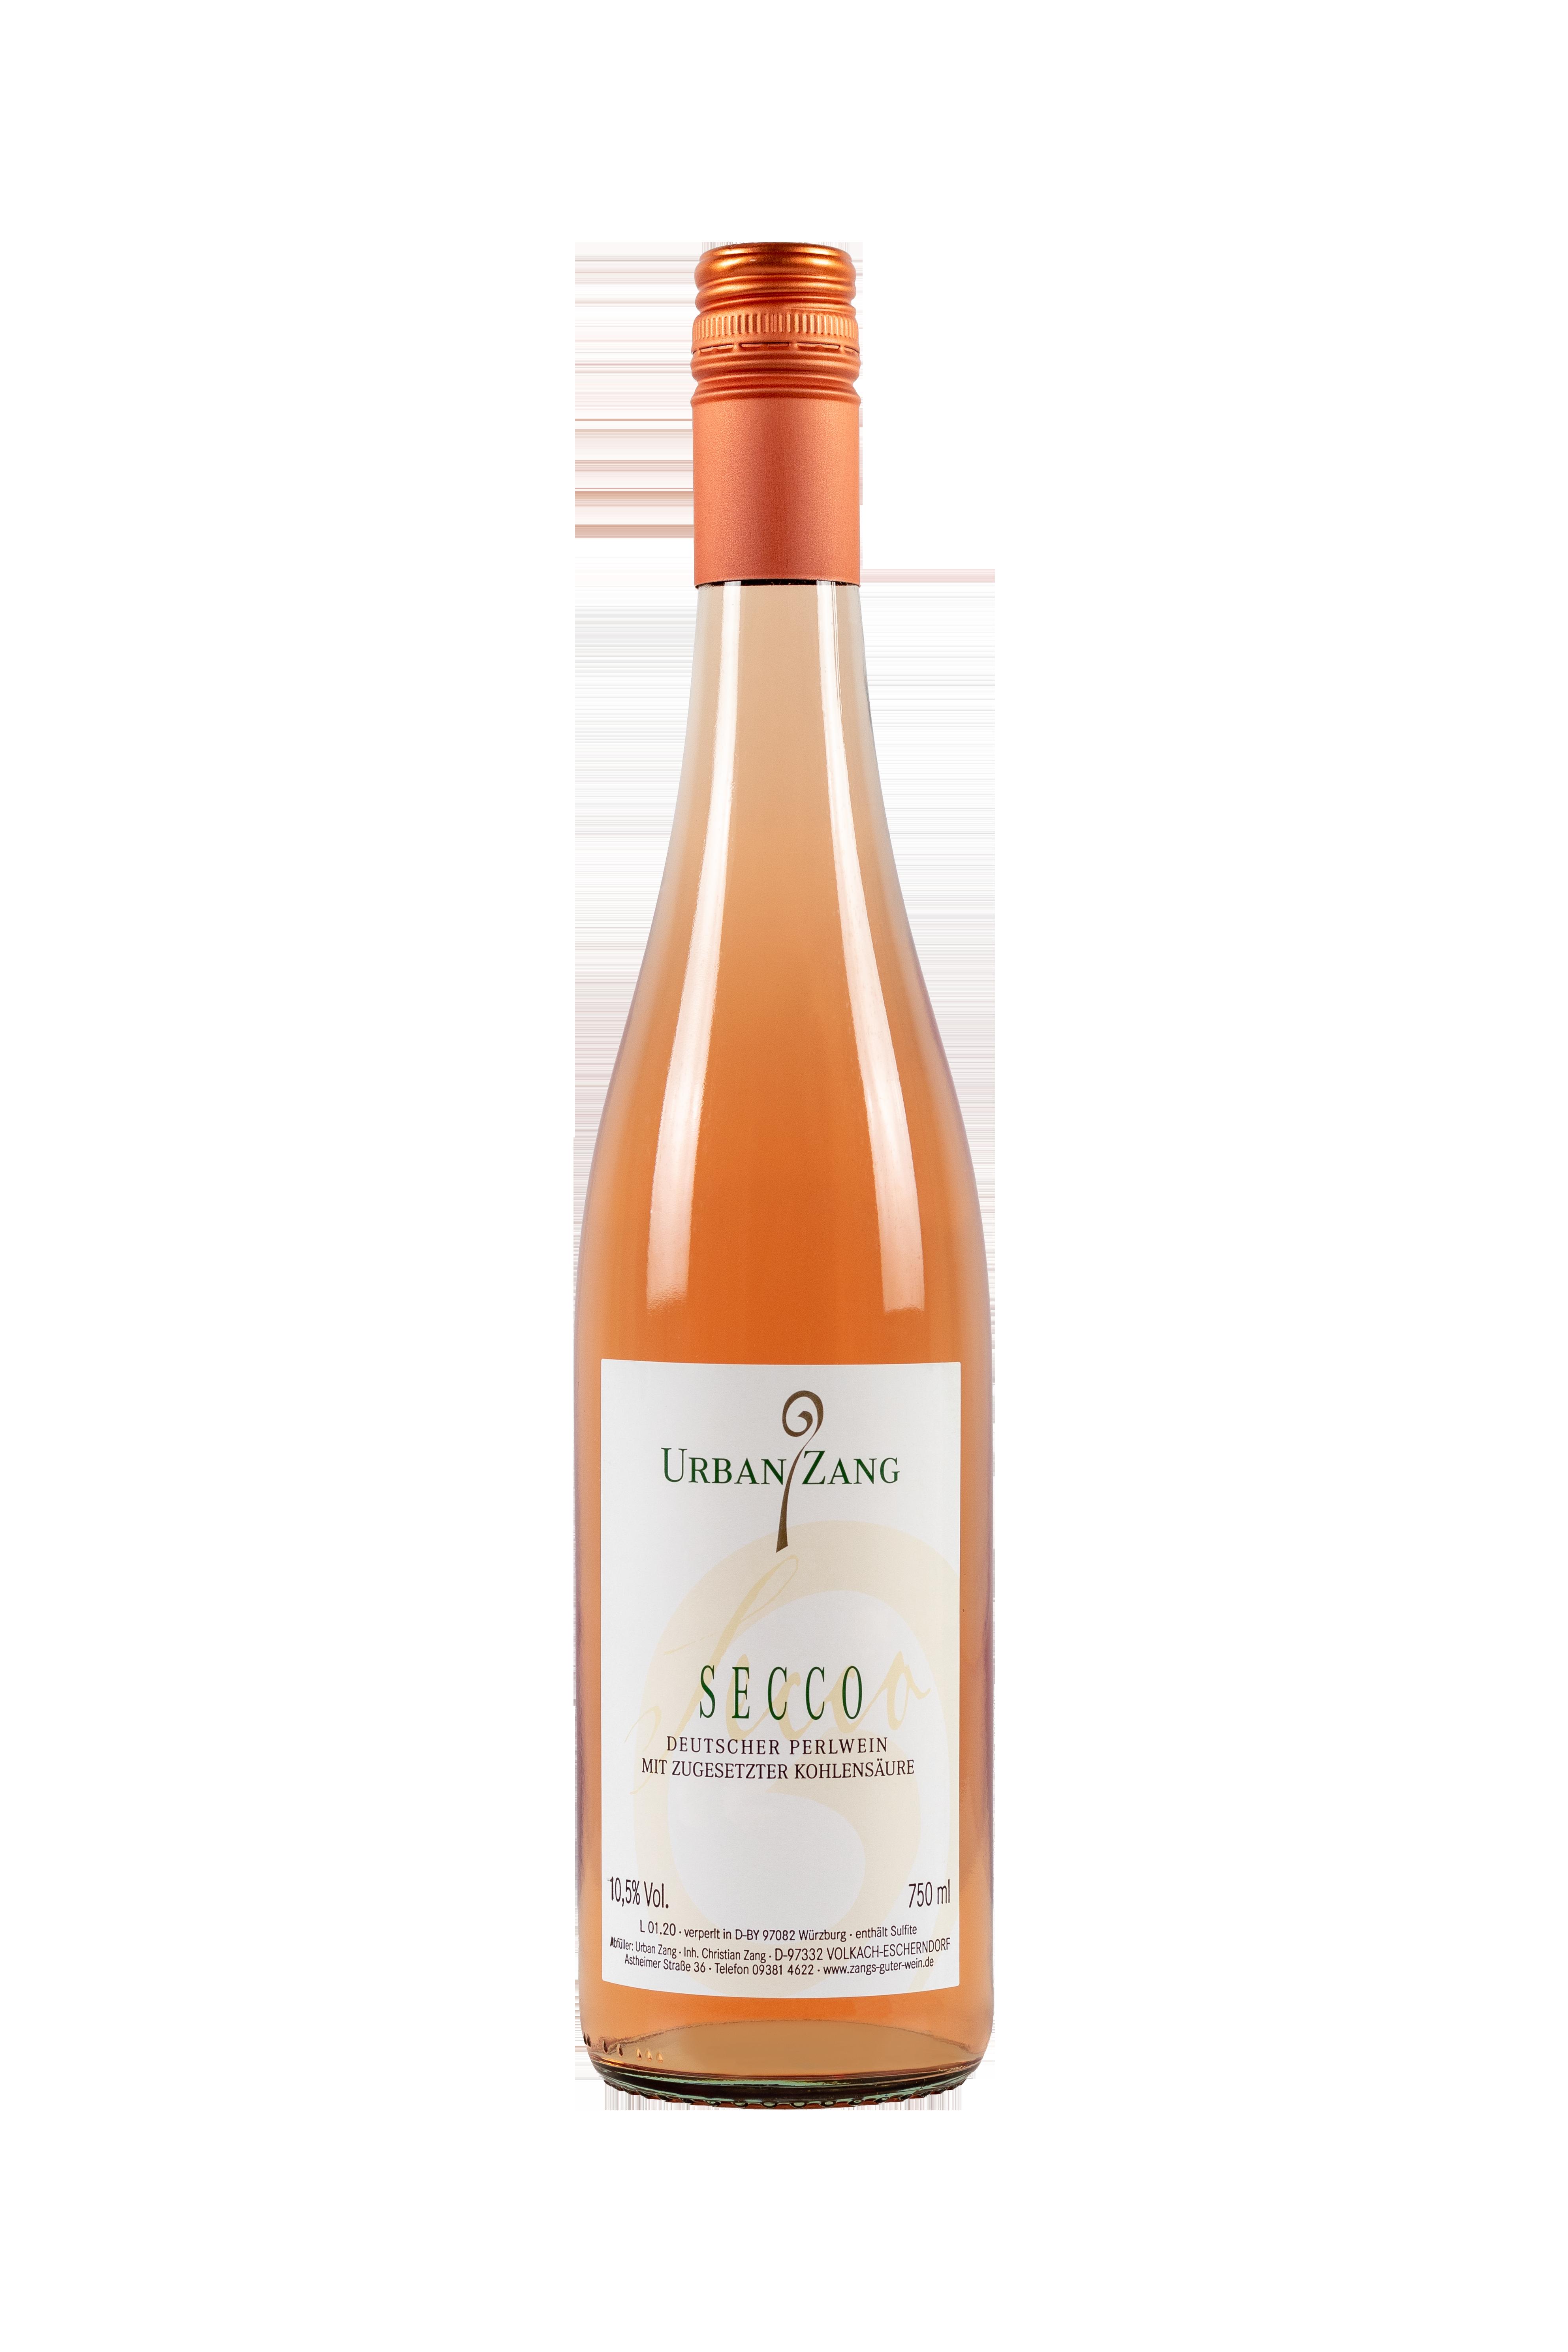 SECCO Deutscher Perlwein mit zugesetzter Kohlensäure